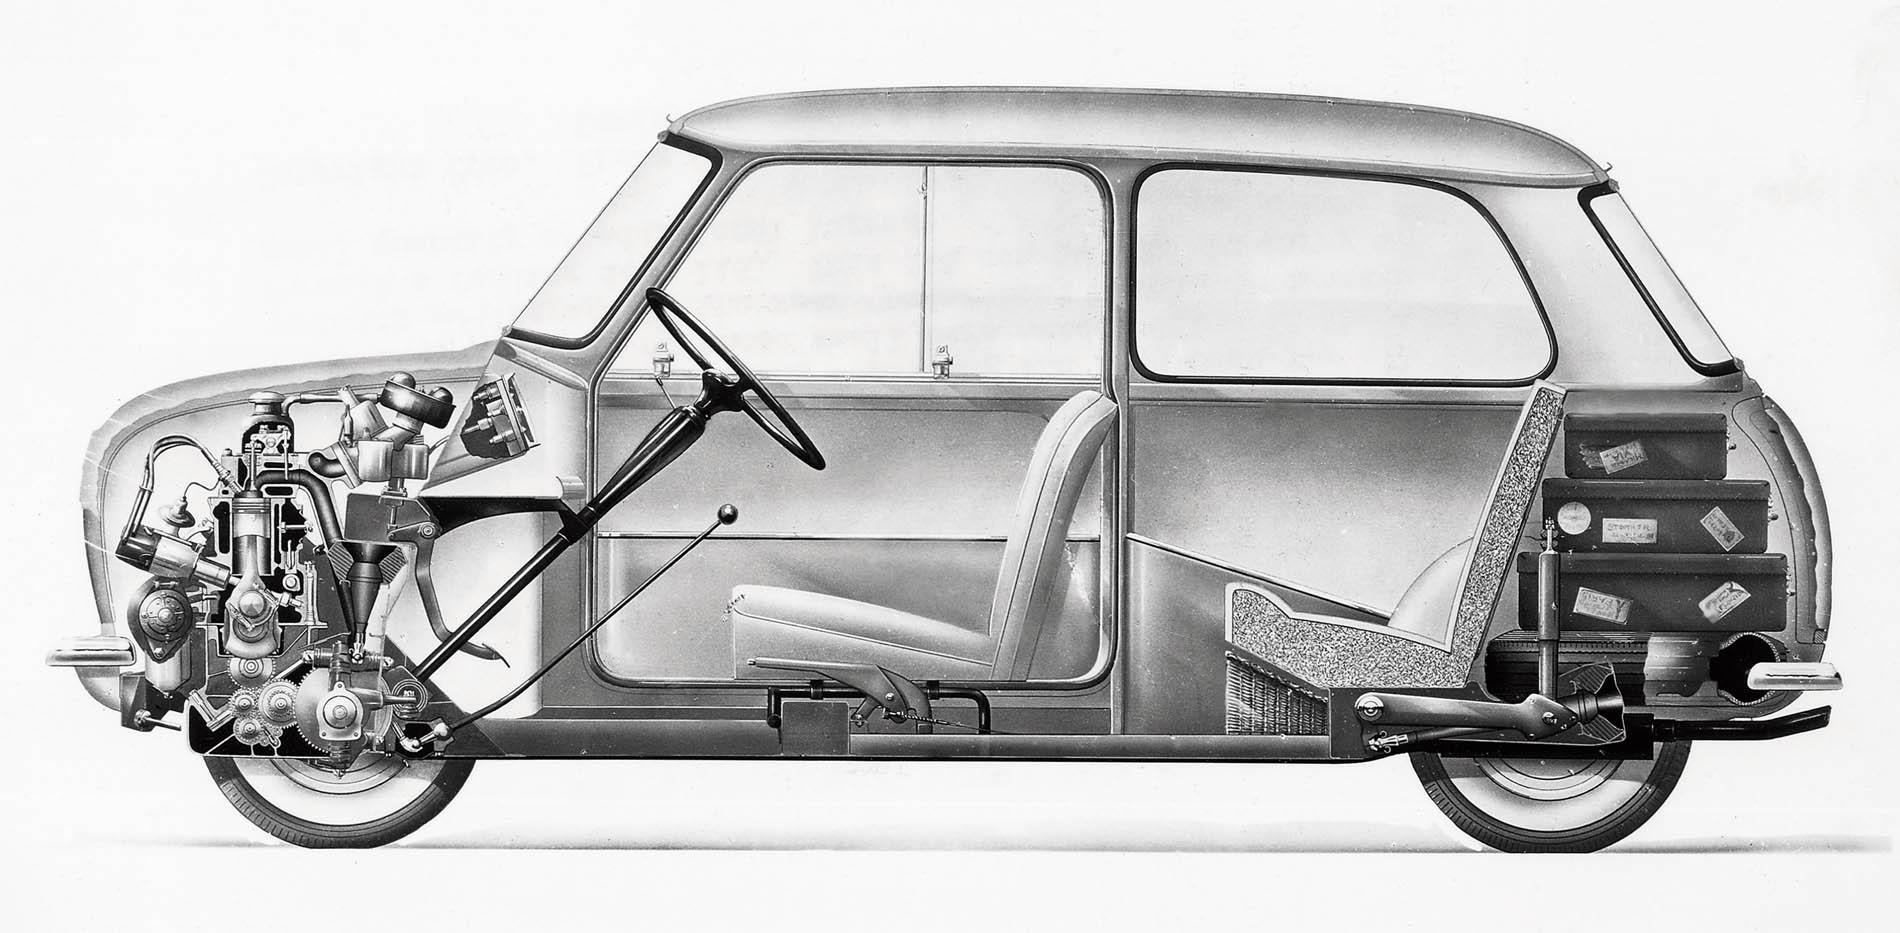 1959 Mini longitudinal section